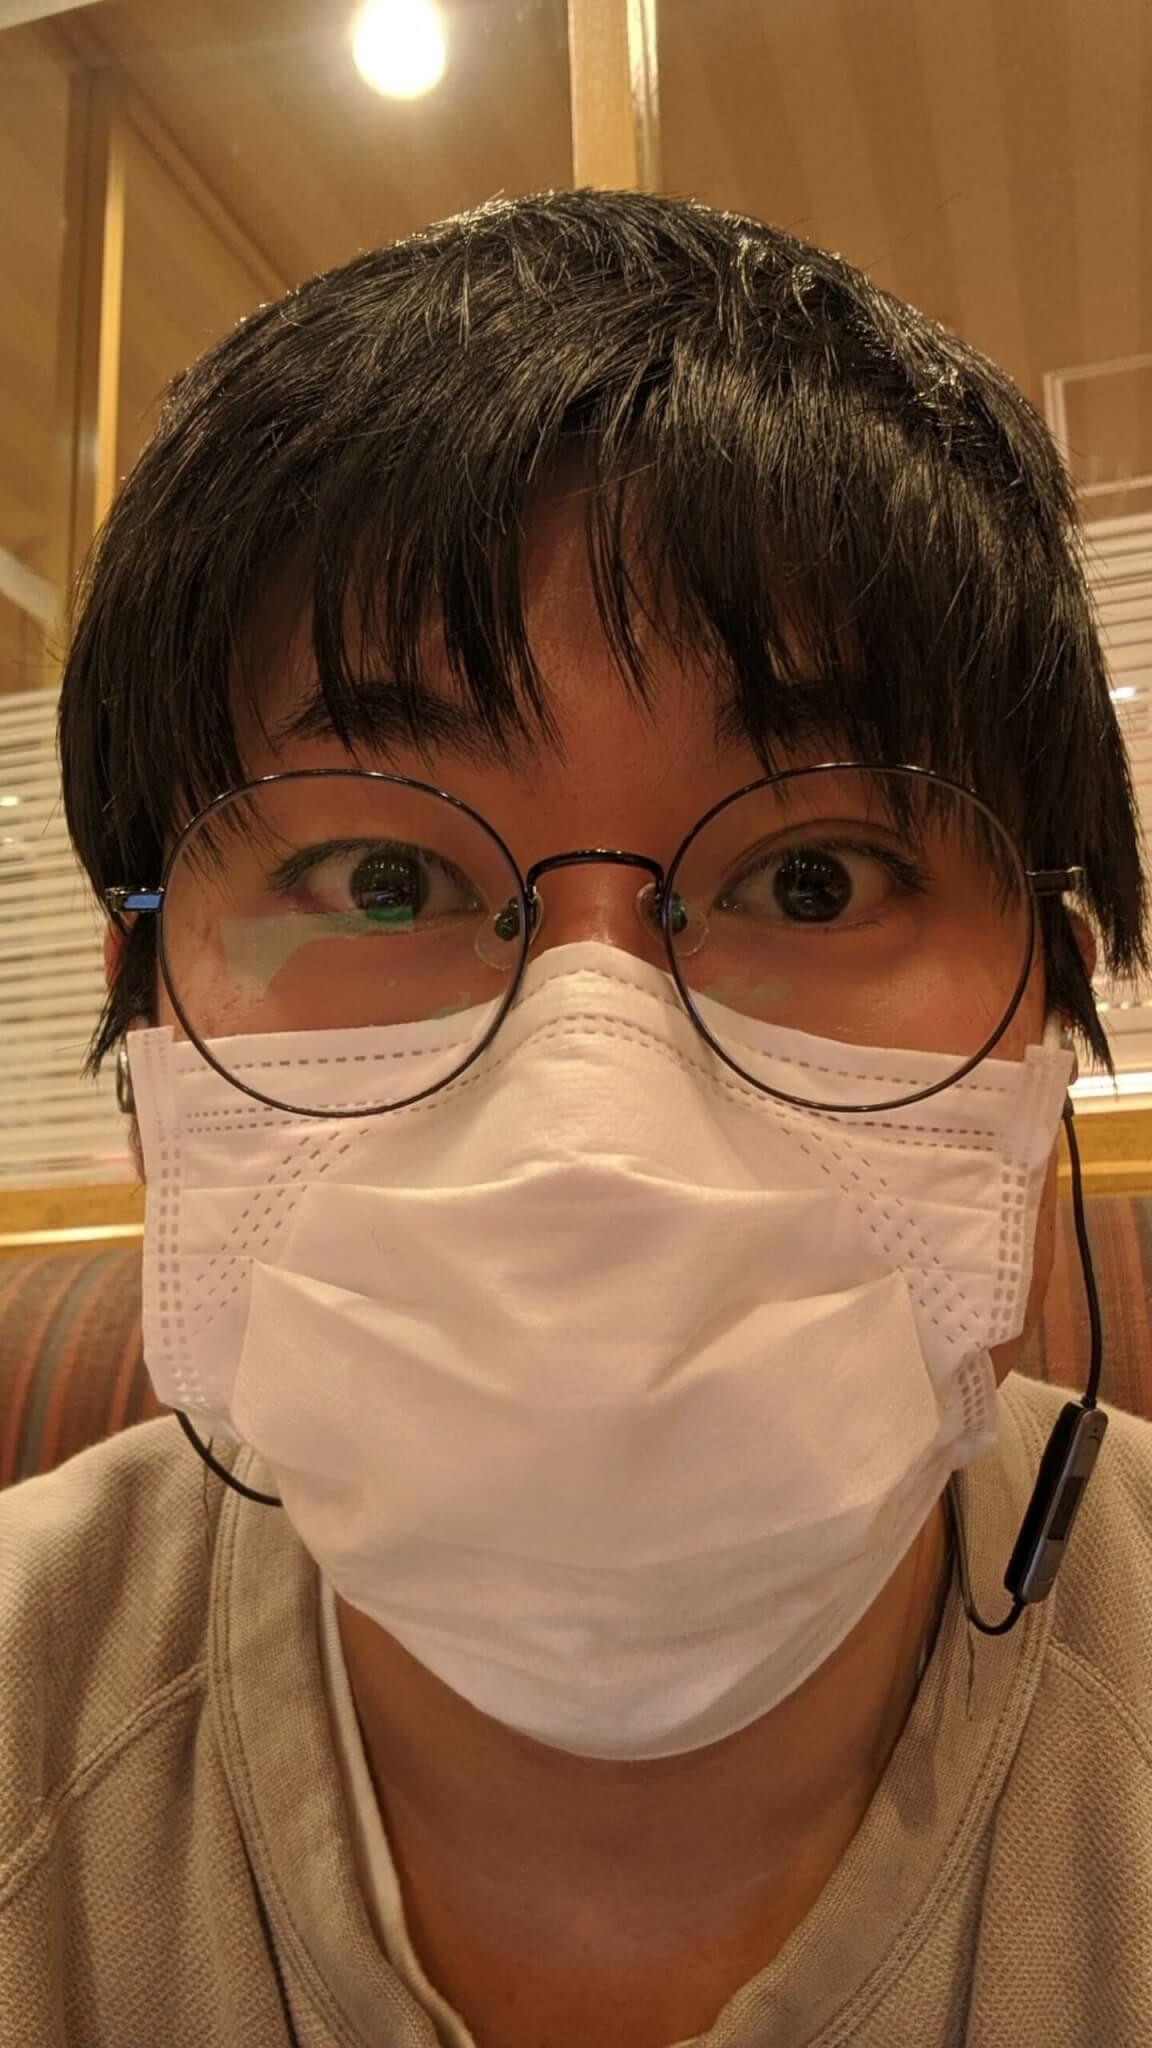 元気いっぱいマスク姿のかーしゃ